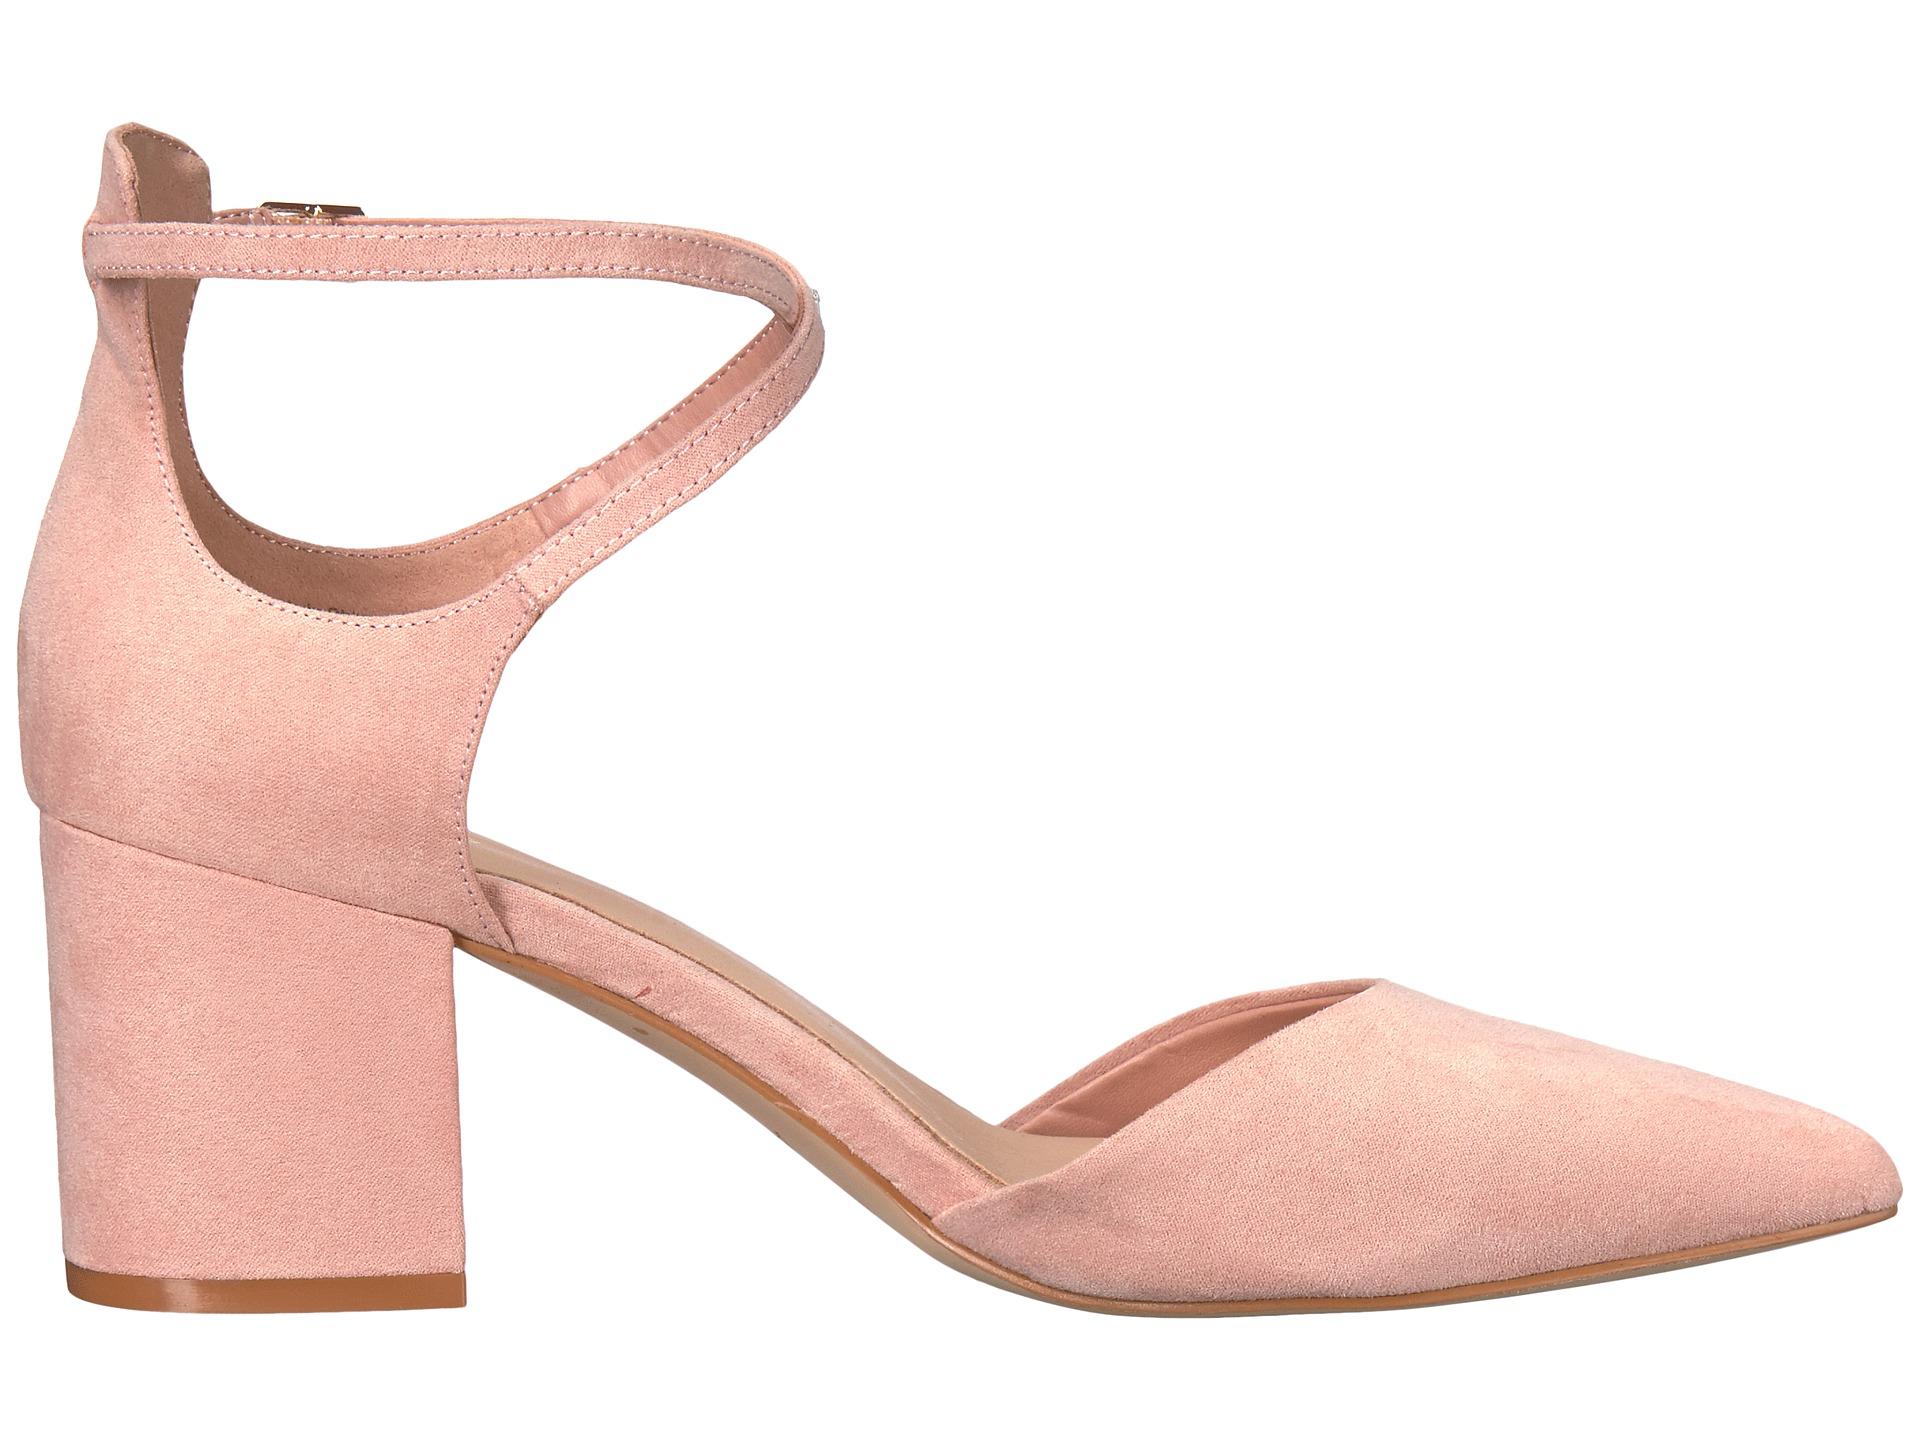 Aldo Shoes Brookshear Size